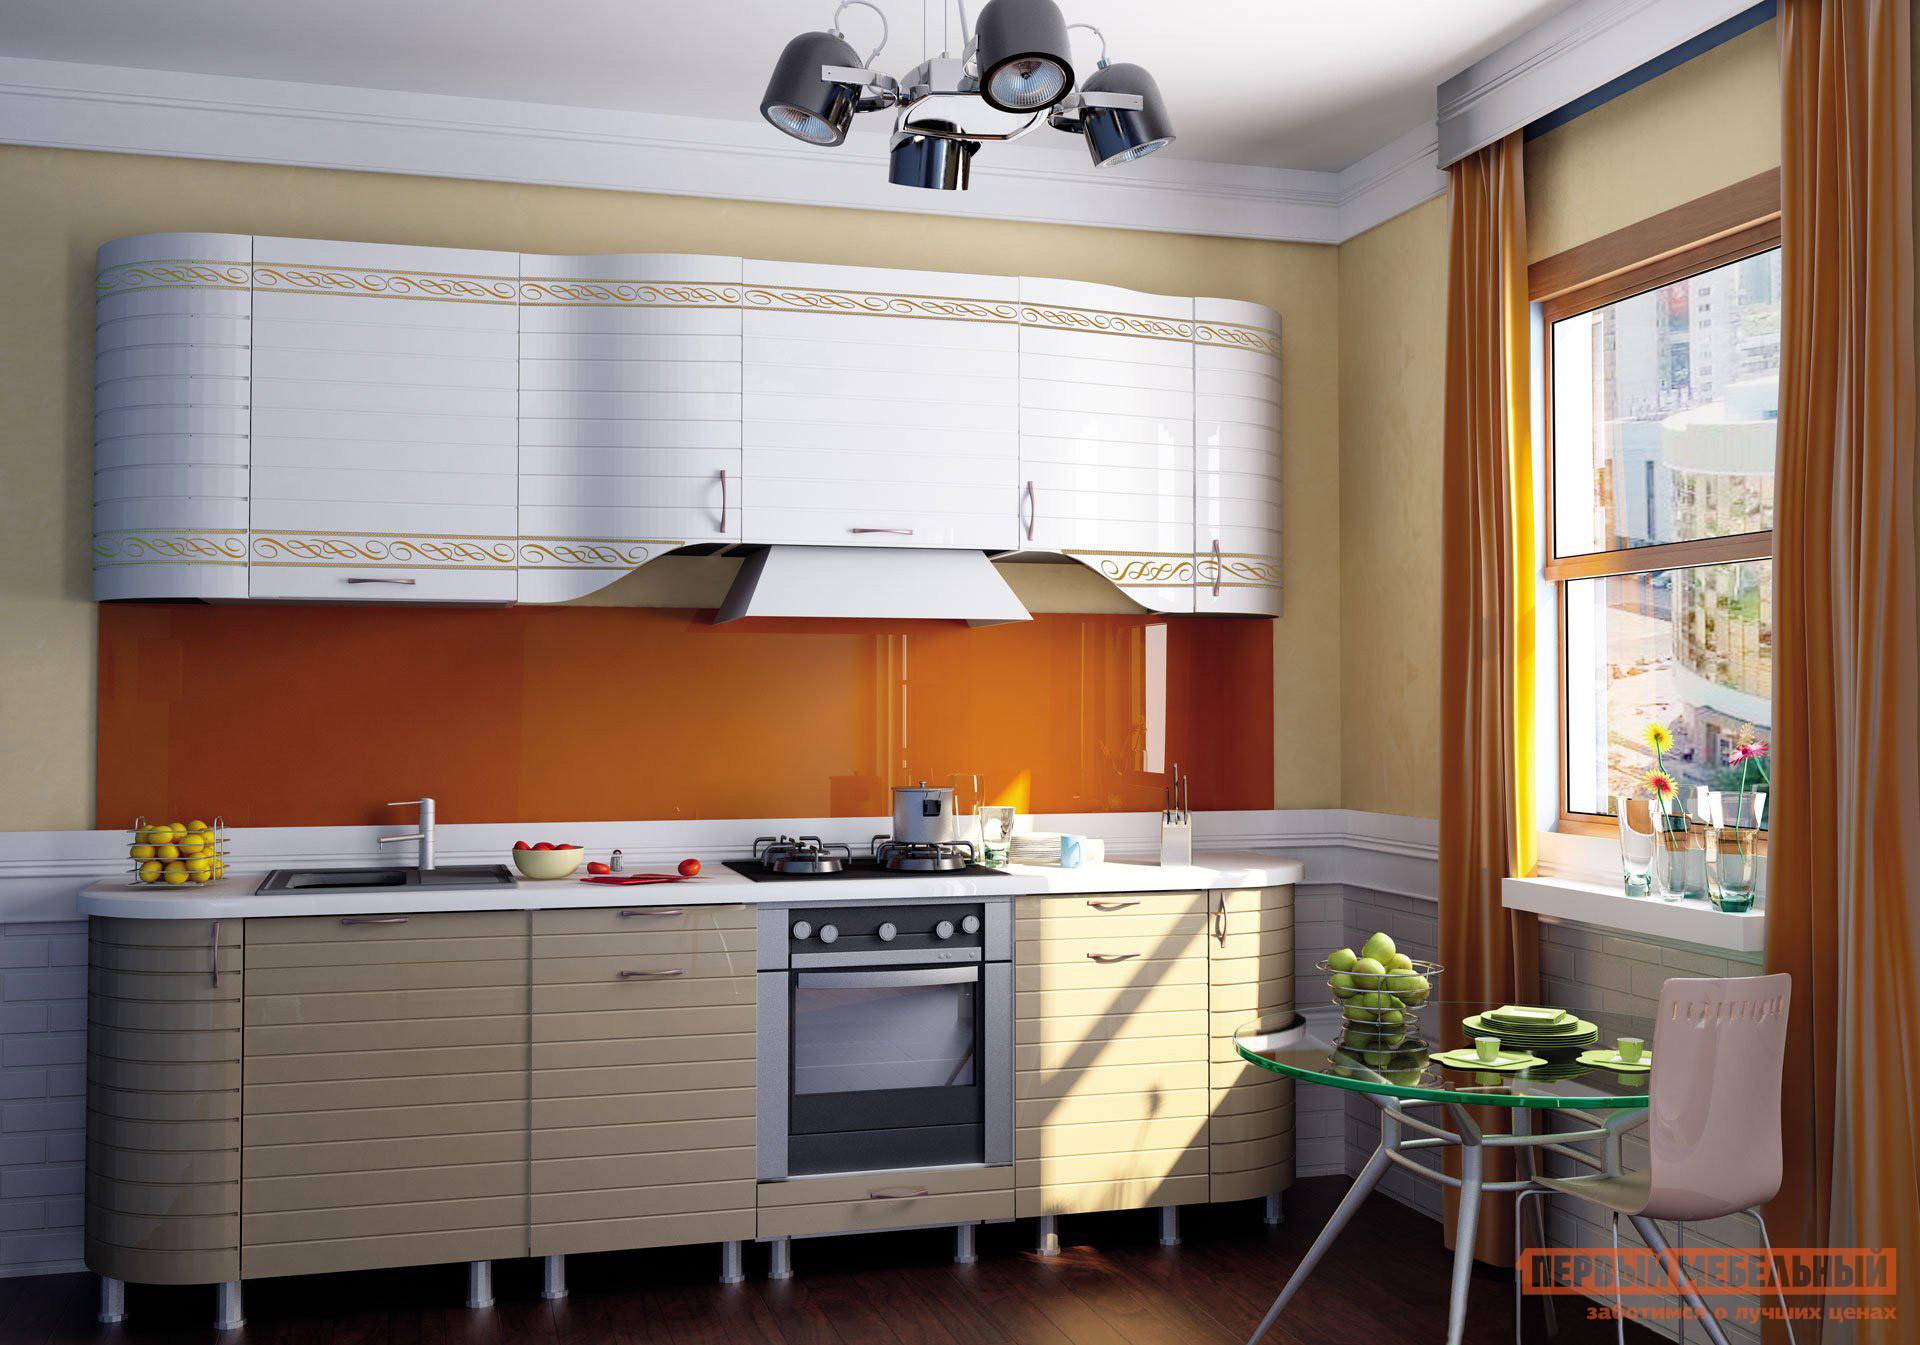 Кухонный гарнитур Любимый дом Анастасия 274 см Капучино любимый дом кухонный гарнитур анастасия